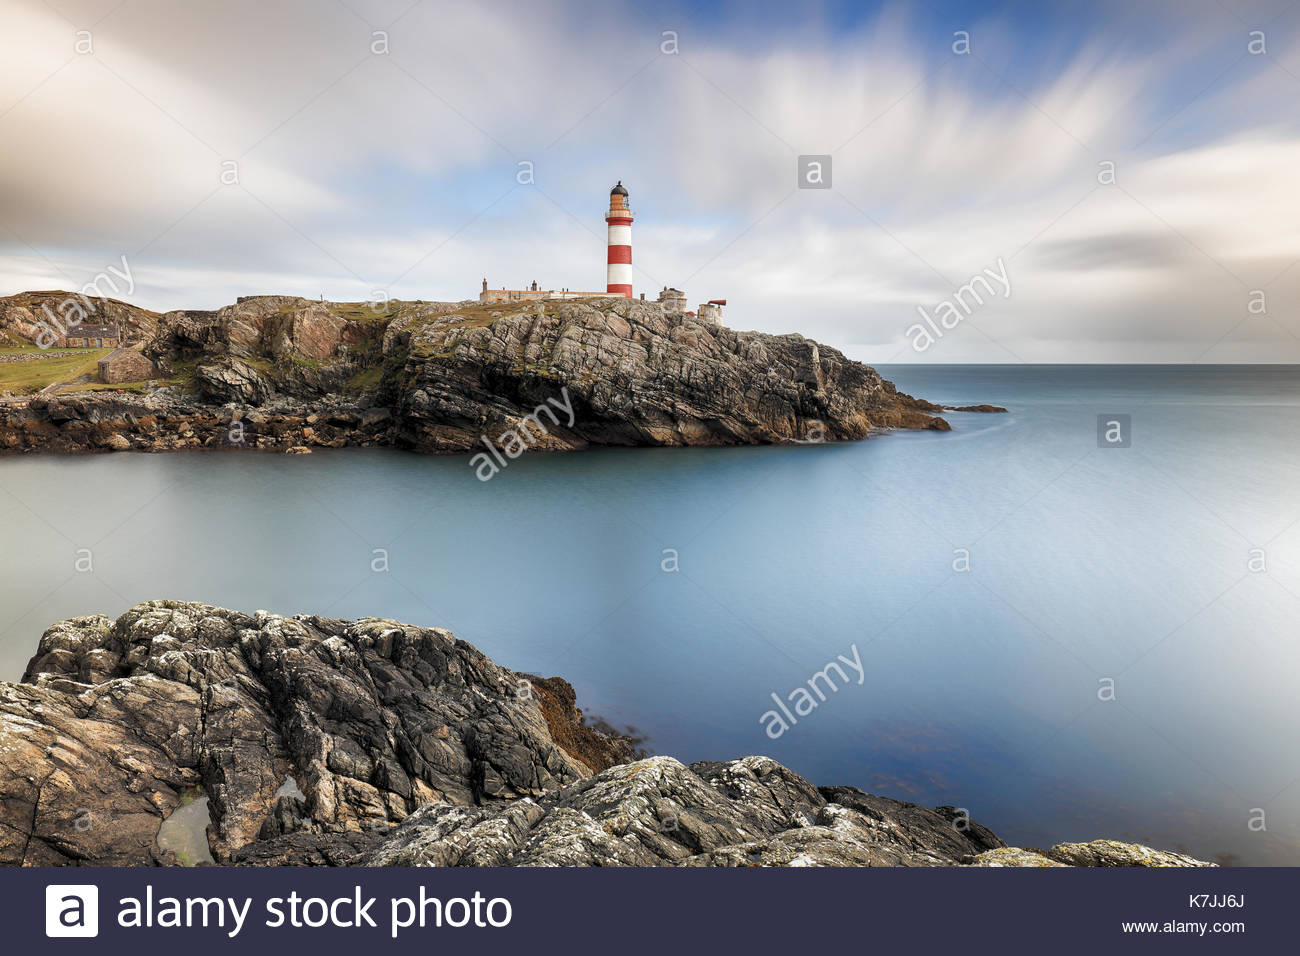 Una larga exposición a Eilean Glas faro de la isla de Scalpay, Islas Occidentales, en Escocia. Foto de stock